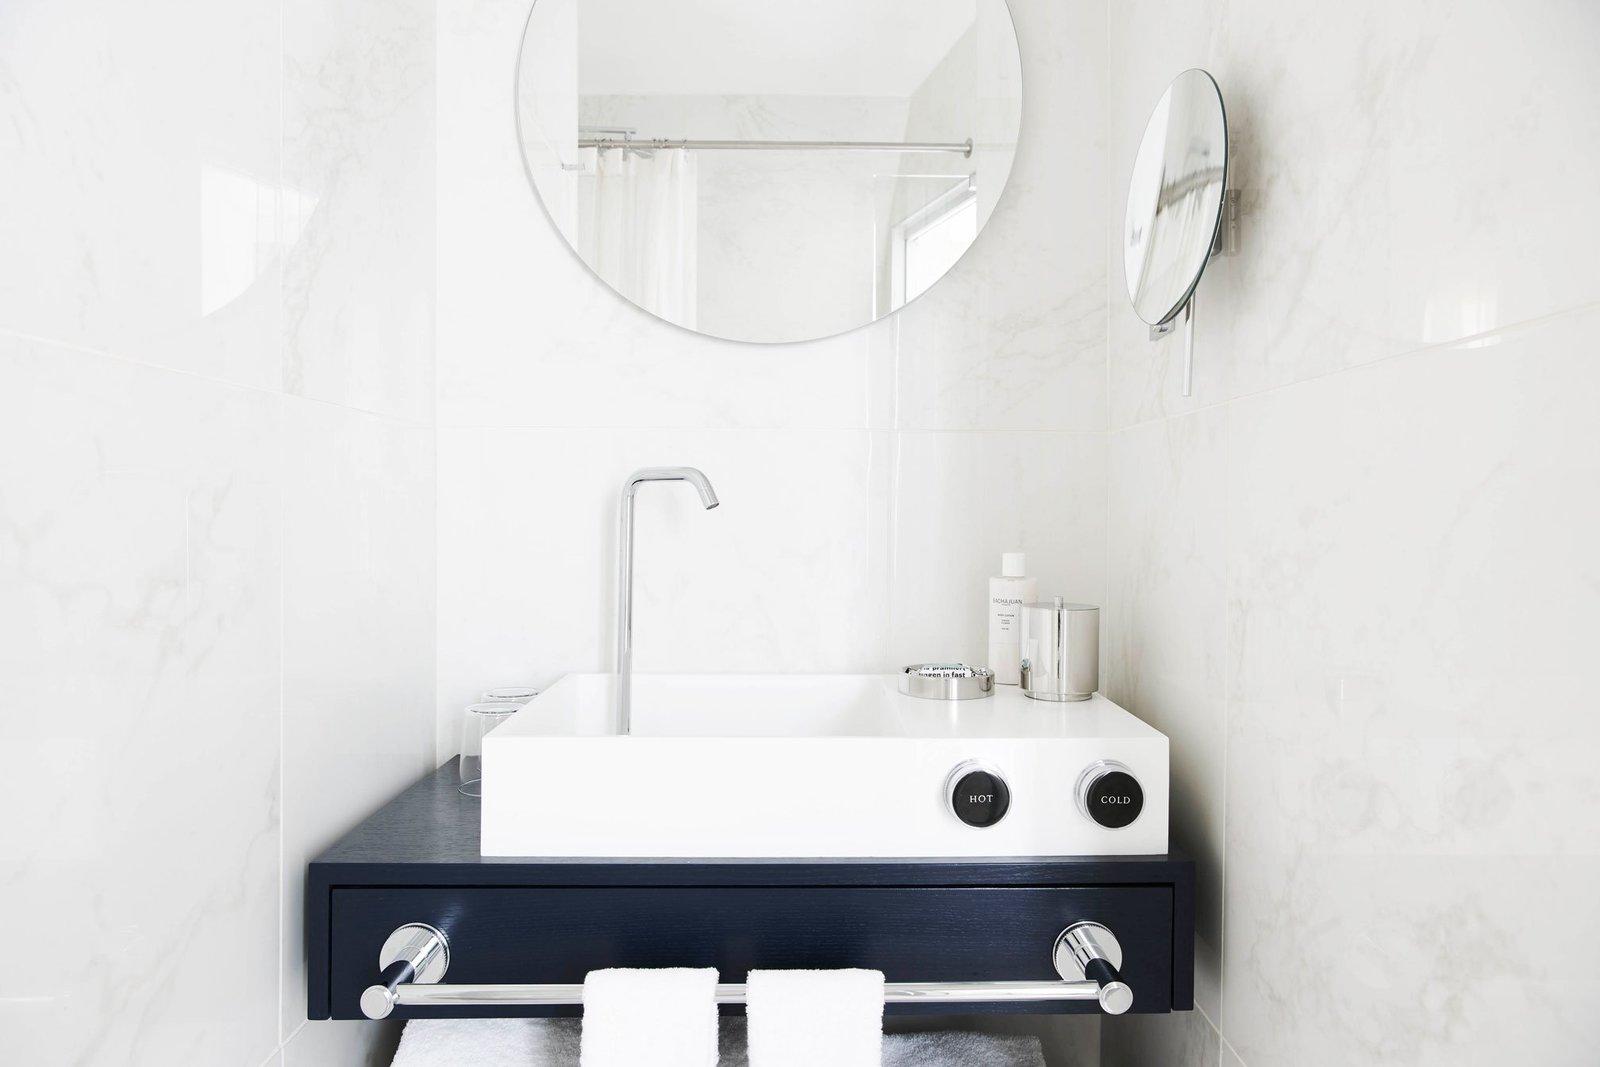 Bath Room and Vessel Sink  Amastan Paris